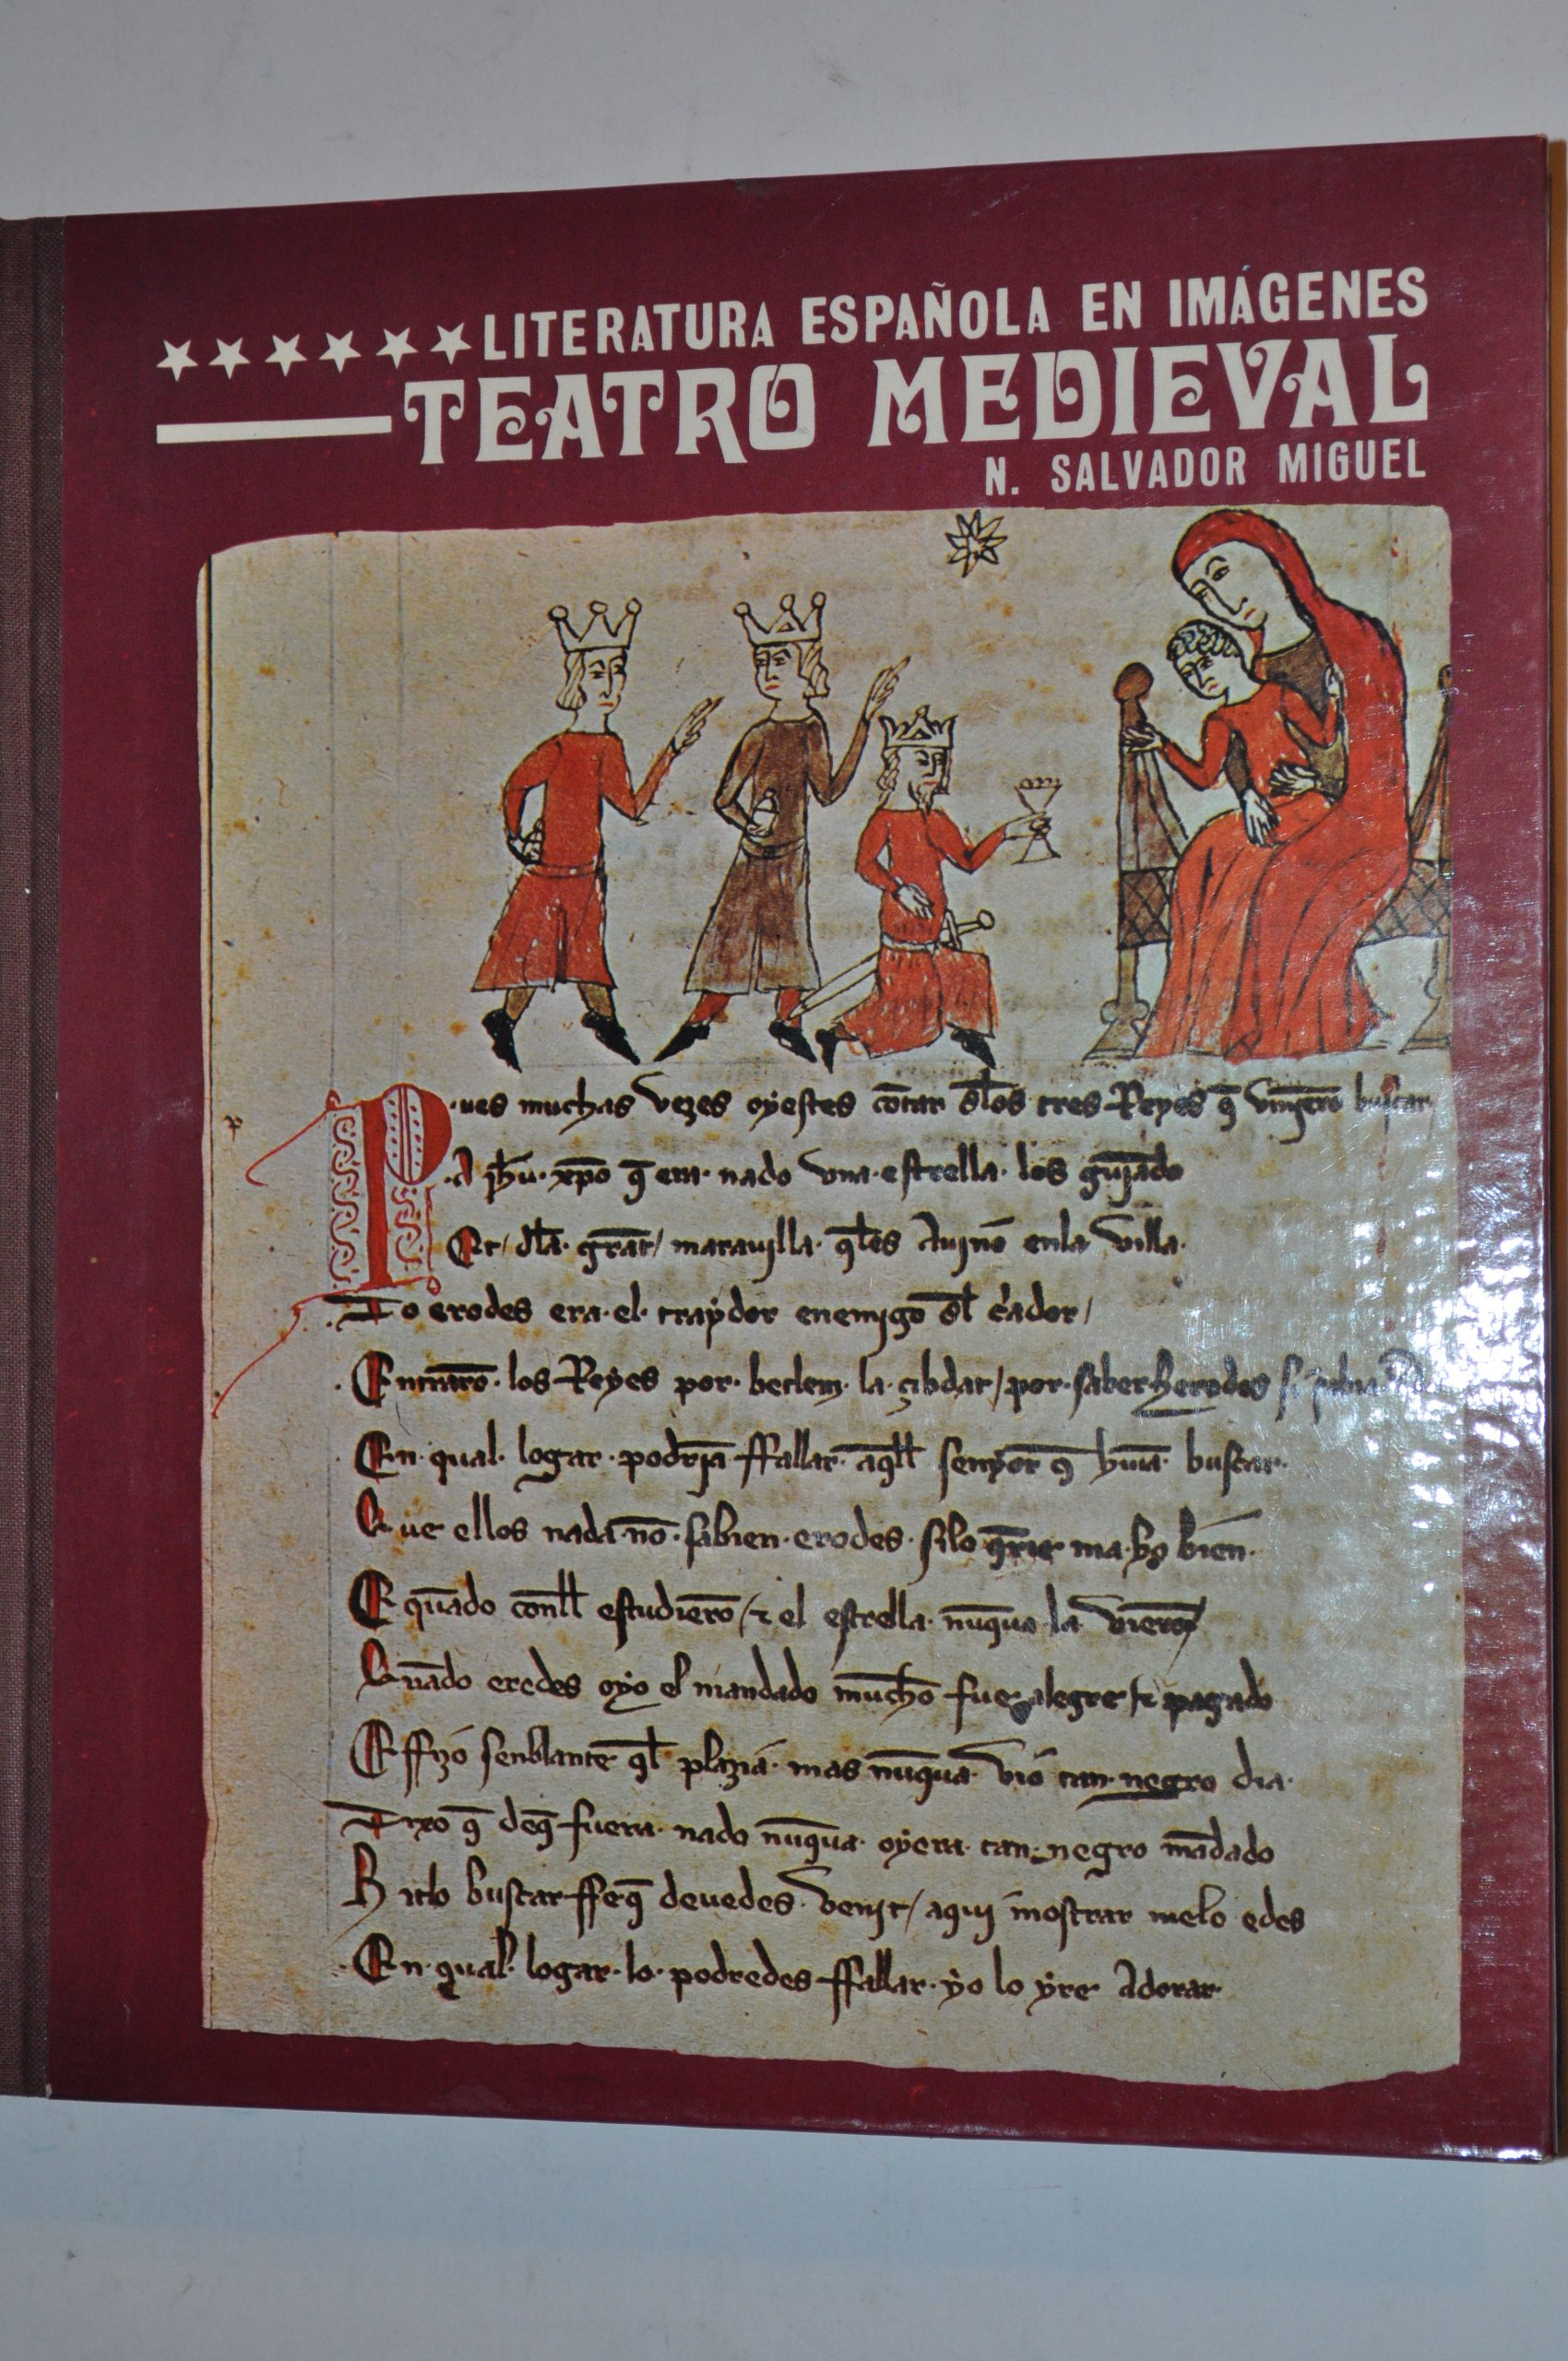 Teatro medieval (Literatura española en imágenes): Amazon.es: Salvador Miguel, Nicasio: Libros